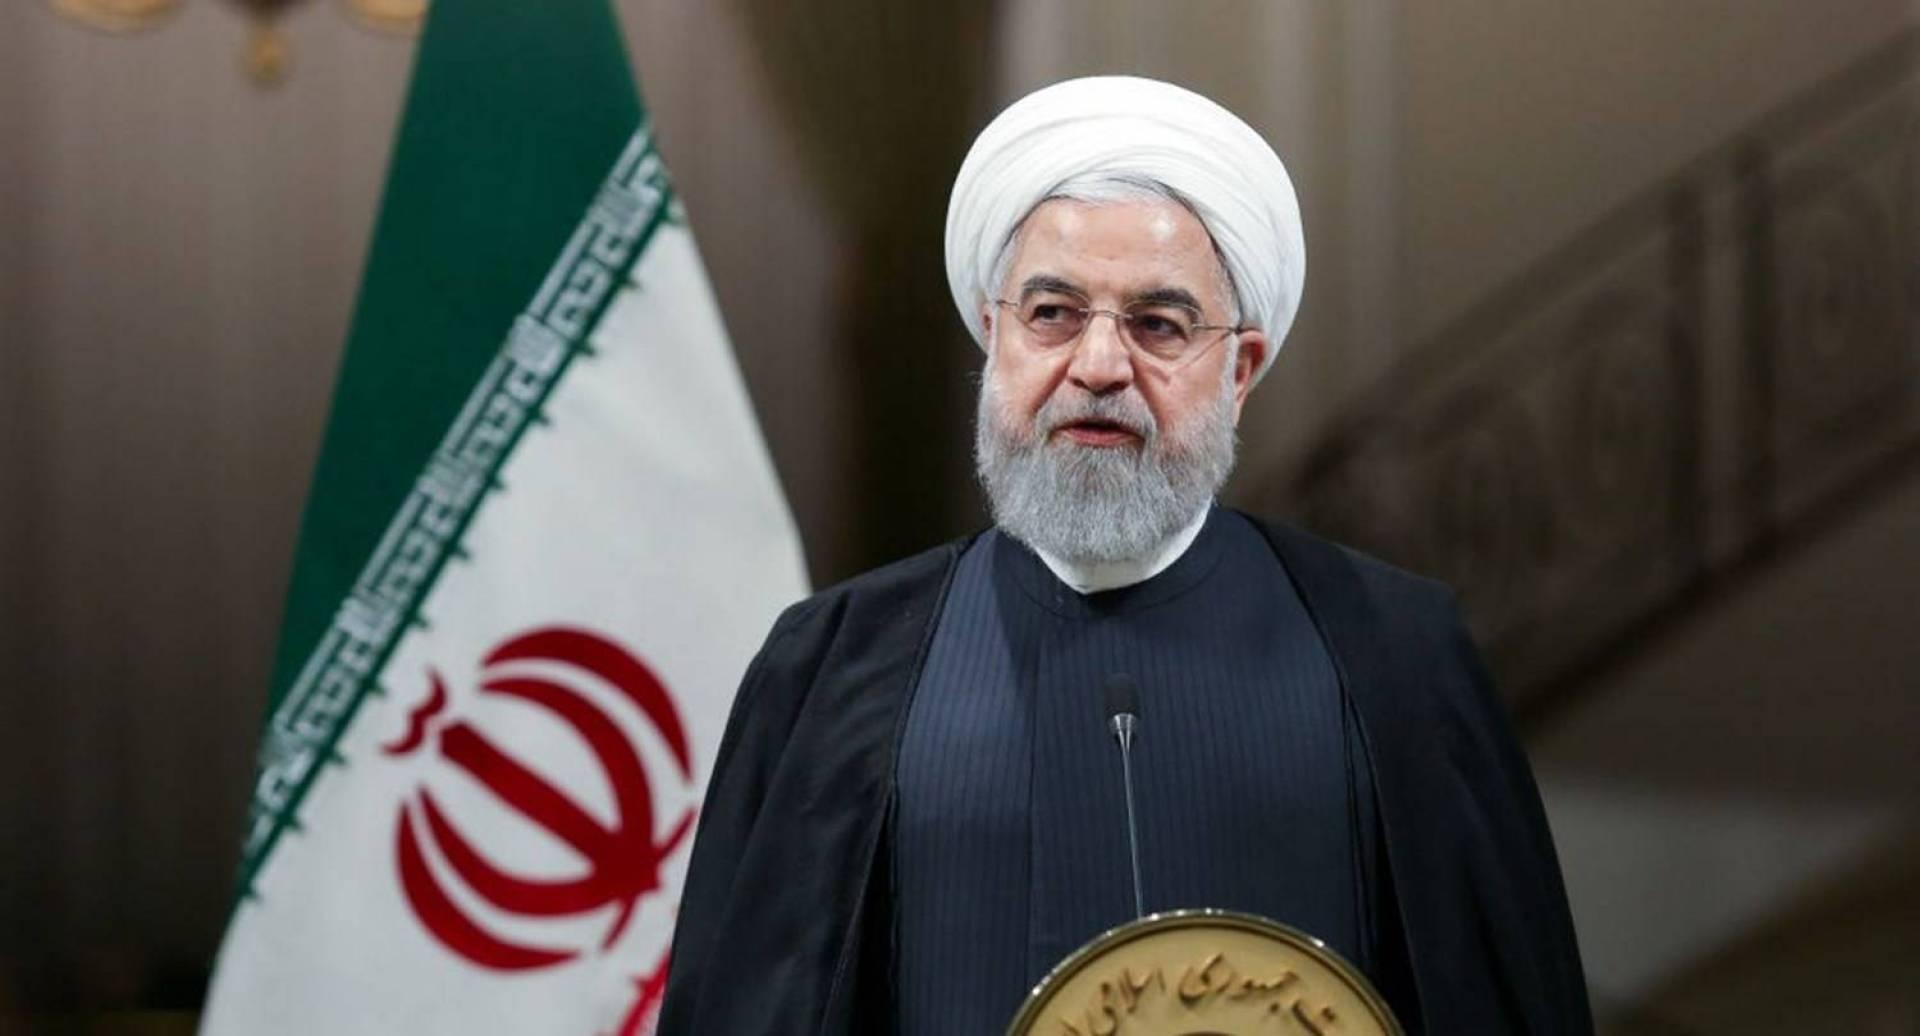 روحاني: إيران تعيد فتح الأماكن الدينية والثقافية